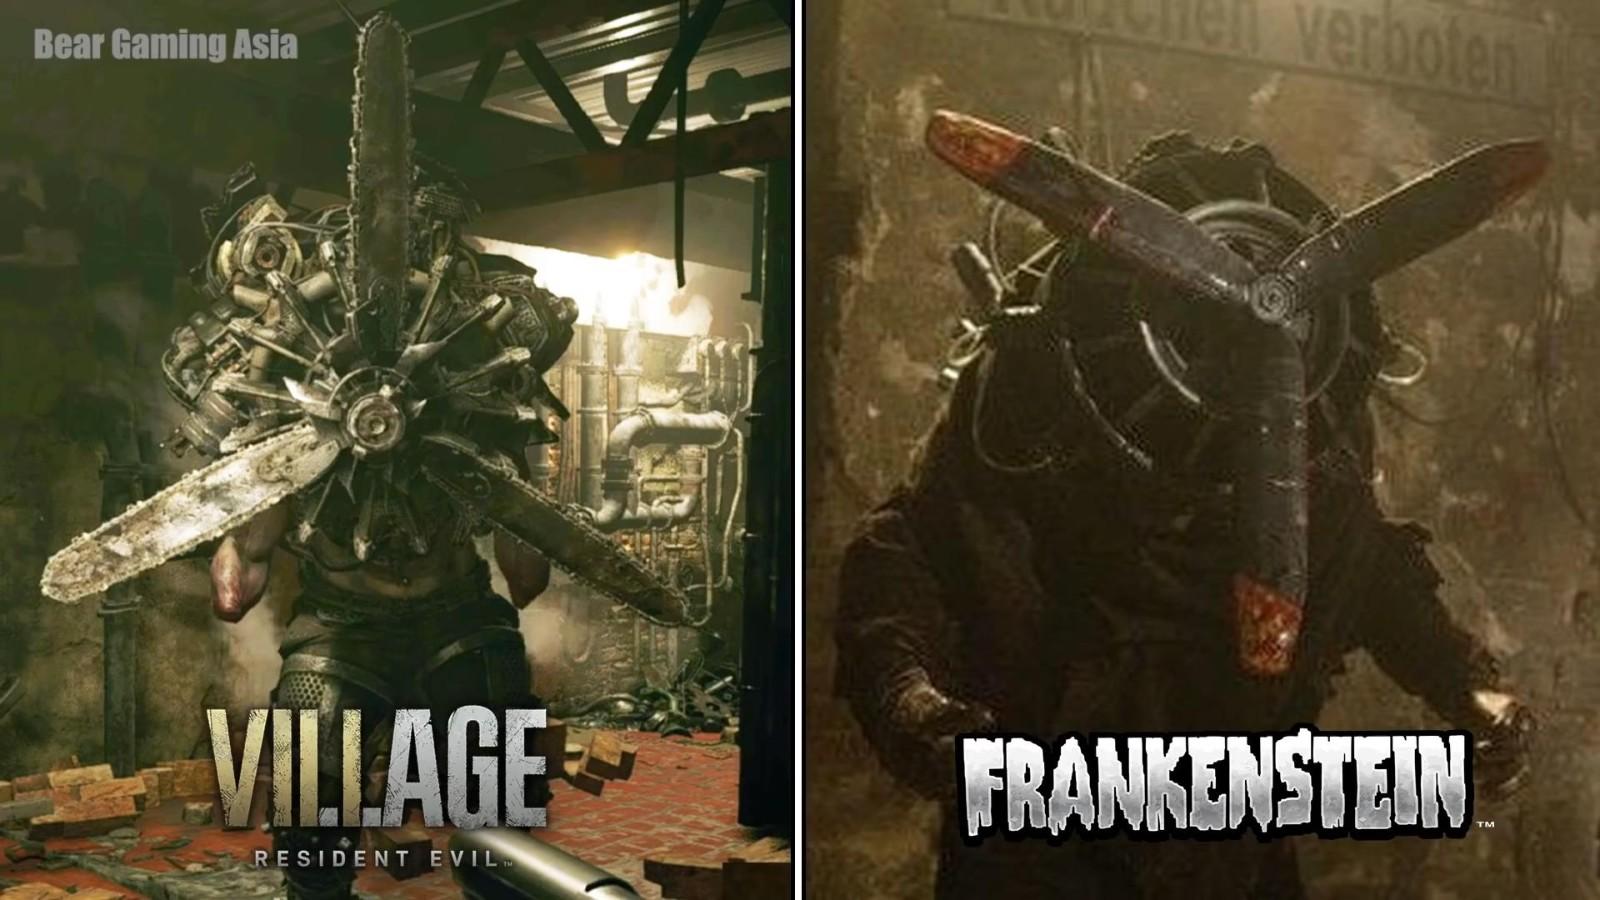 《生化8》与《弗兰肯斯坦兵团》电影对比 致敬或借鉴?